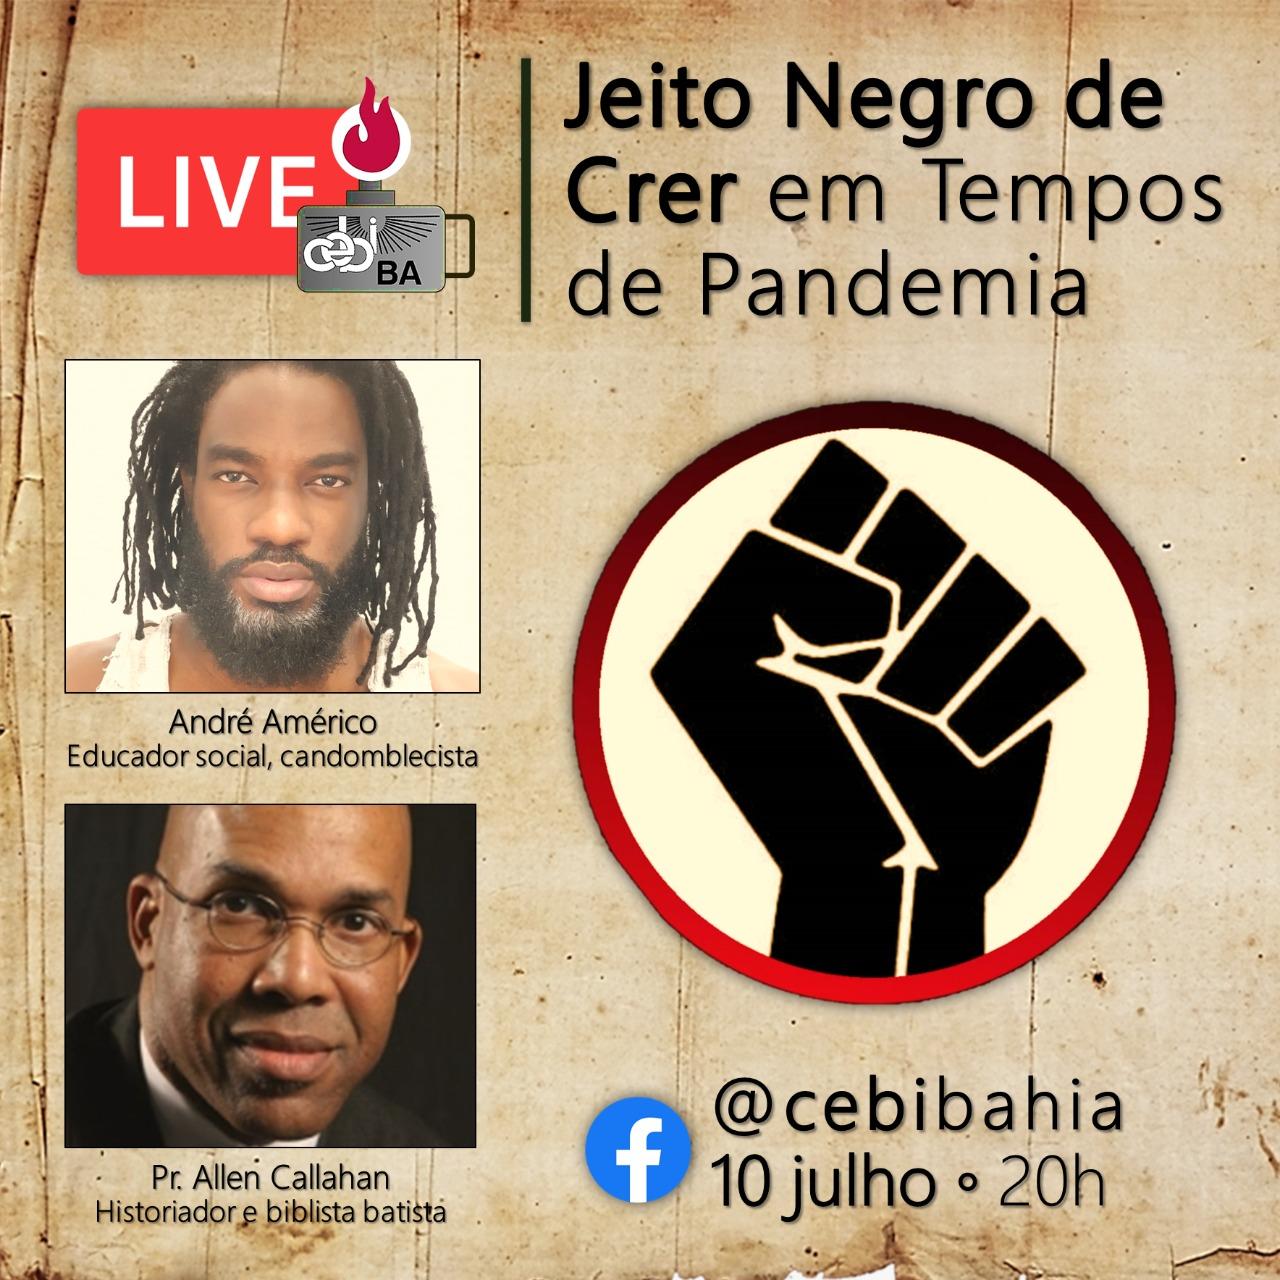 CEBI Bahia – Jeito negro de crer em tempos de pandemia